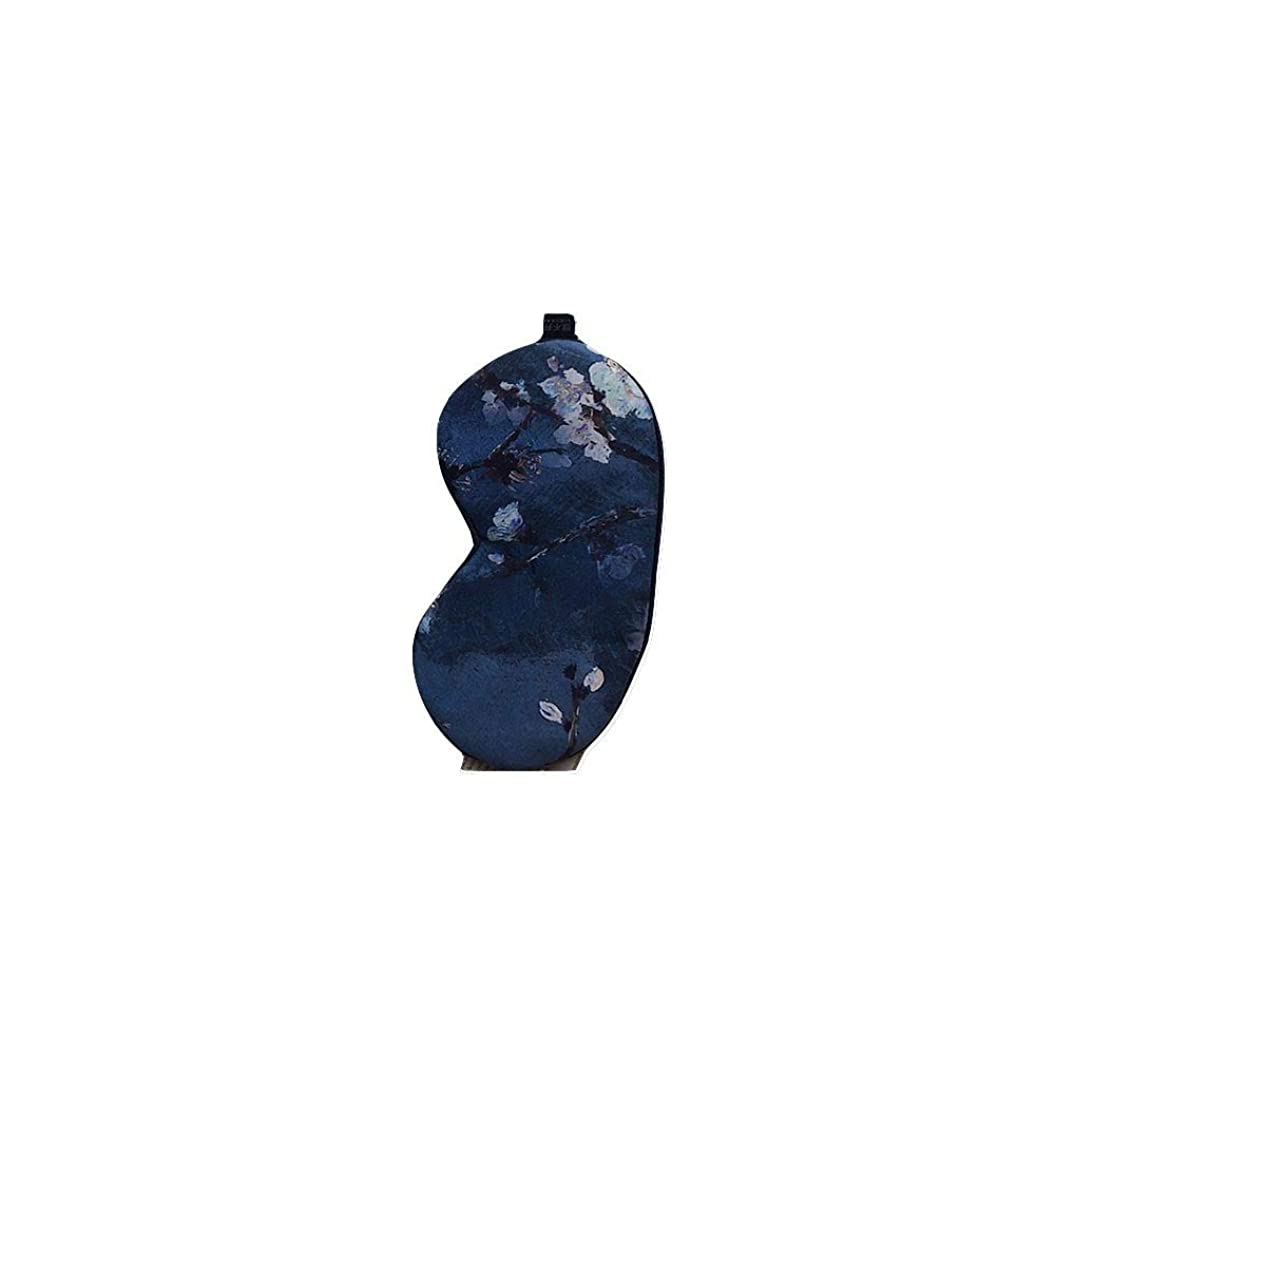 困惑する団結寄生虫シルクアイマスクは、目の疲れダークサークルを緩和することができます、女性モデルの睡眠シェーディング学生通気性の目の保護、加熱と加熱 (Color : Blue)